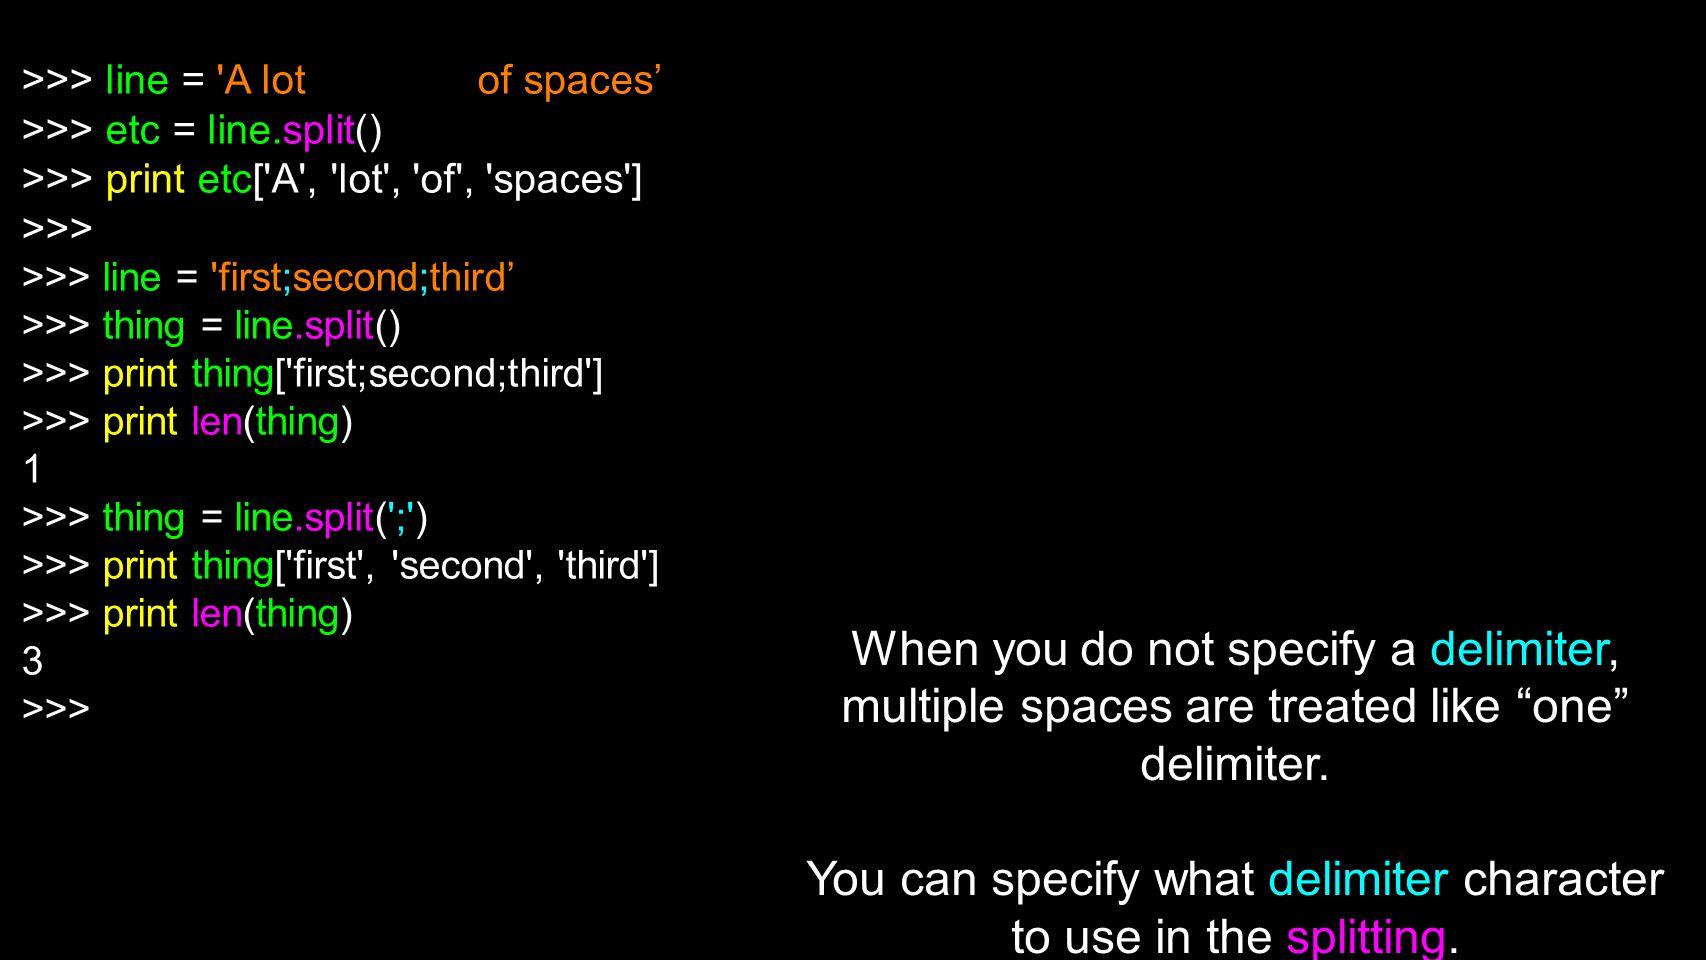 >>> line = 'A lot of spaces >>> etc = line.split() >>> print etc['A', 'lot', 'of', 'spaces'] >>> >>> line = 'first;second;third >>> thing = line.split